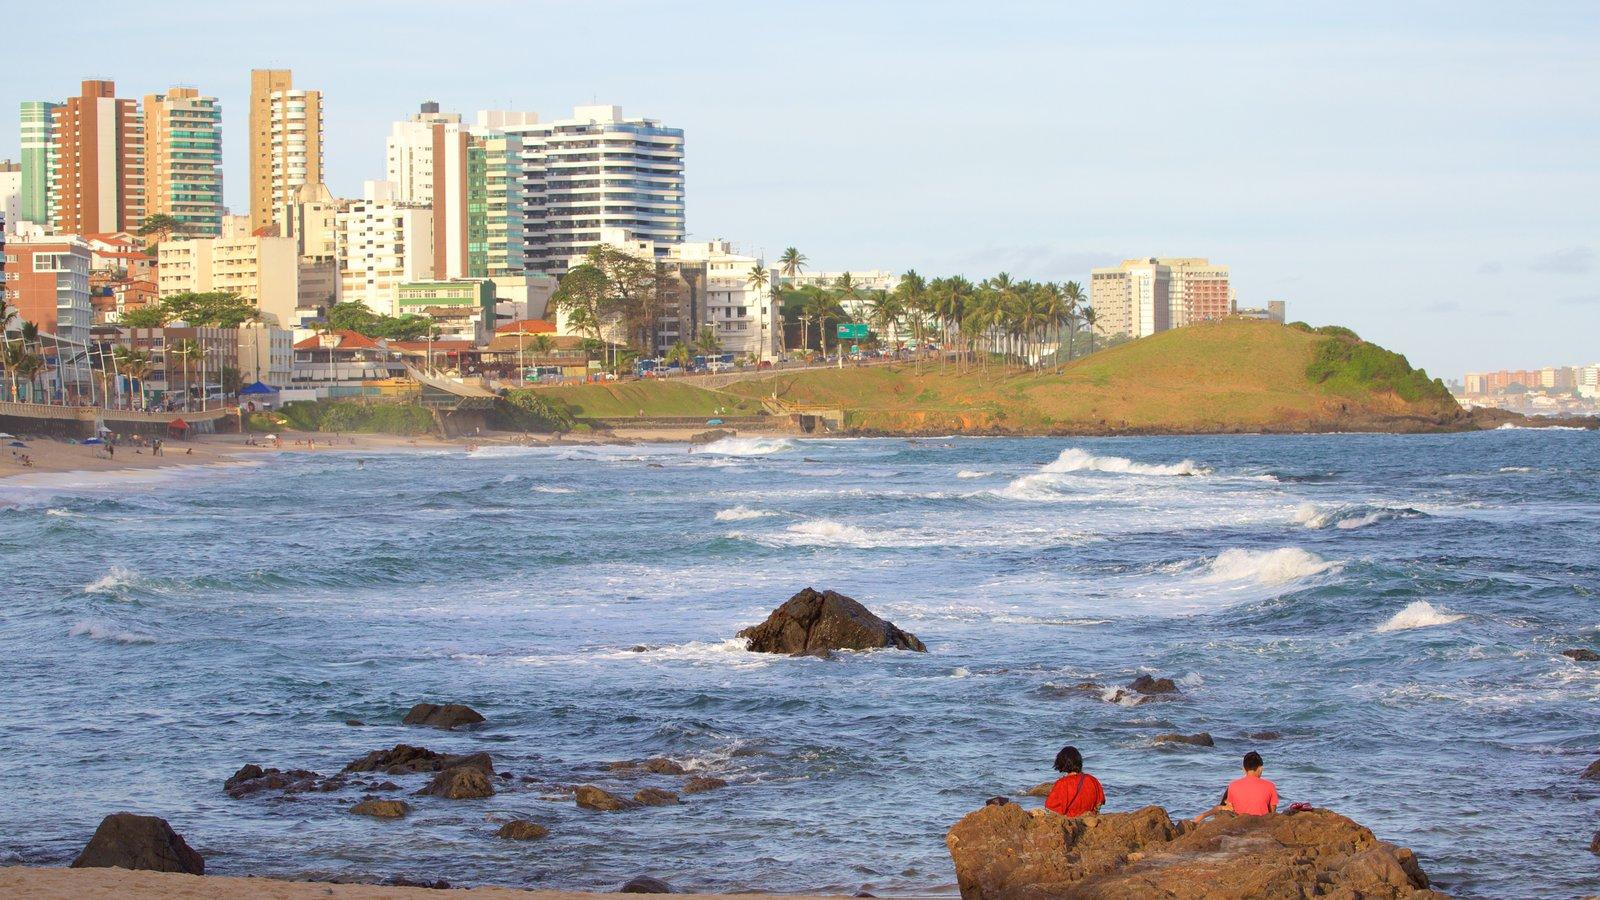 Praia do Farol da Barra que inclui paisagens litorâneas, linha do horizonte e uma cidade litorânea